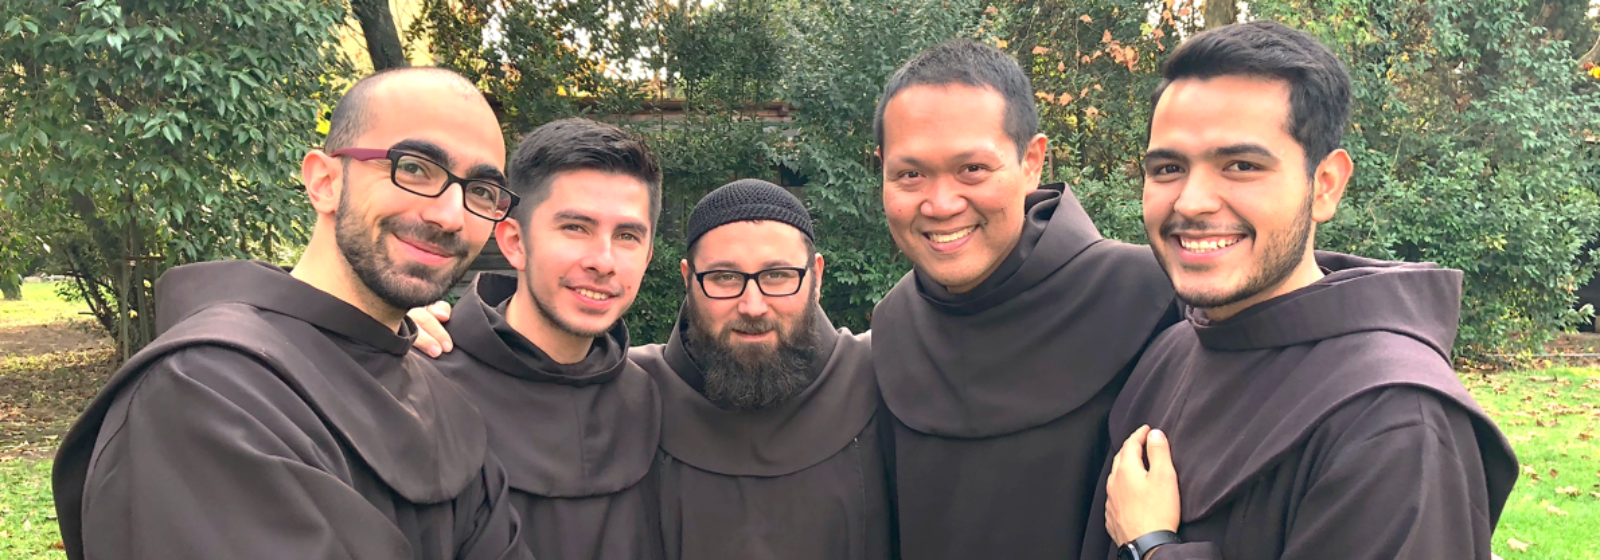 Sostegno alla Formazione dei Novizi della Custodia di Terra Santa